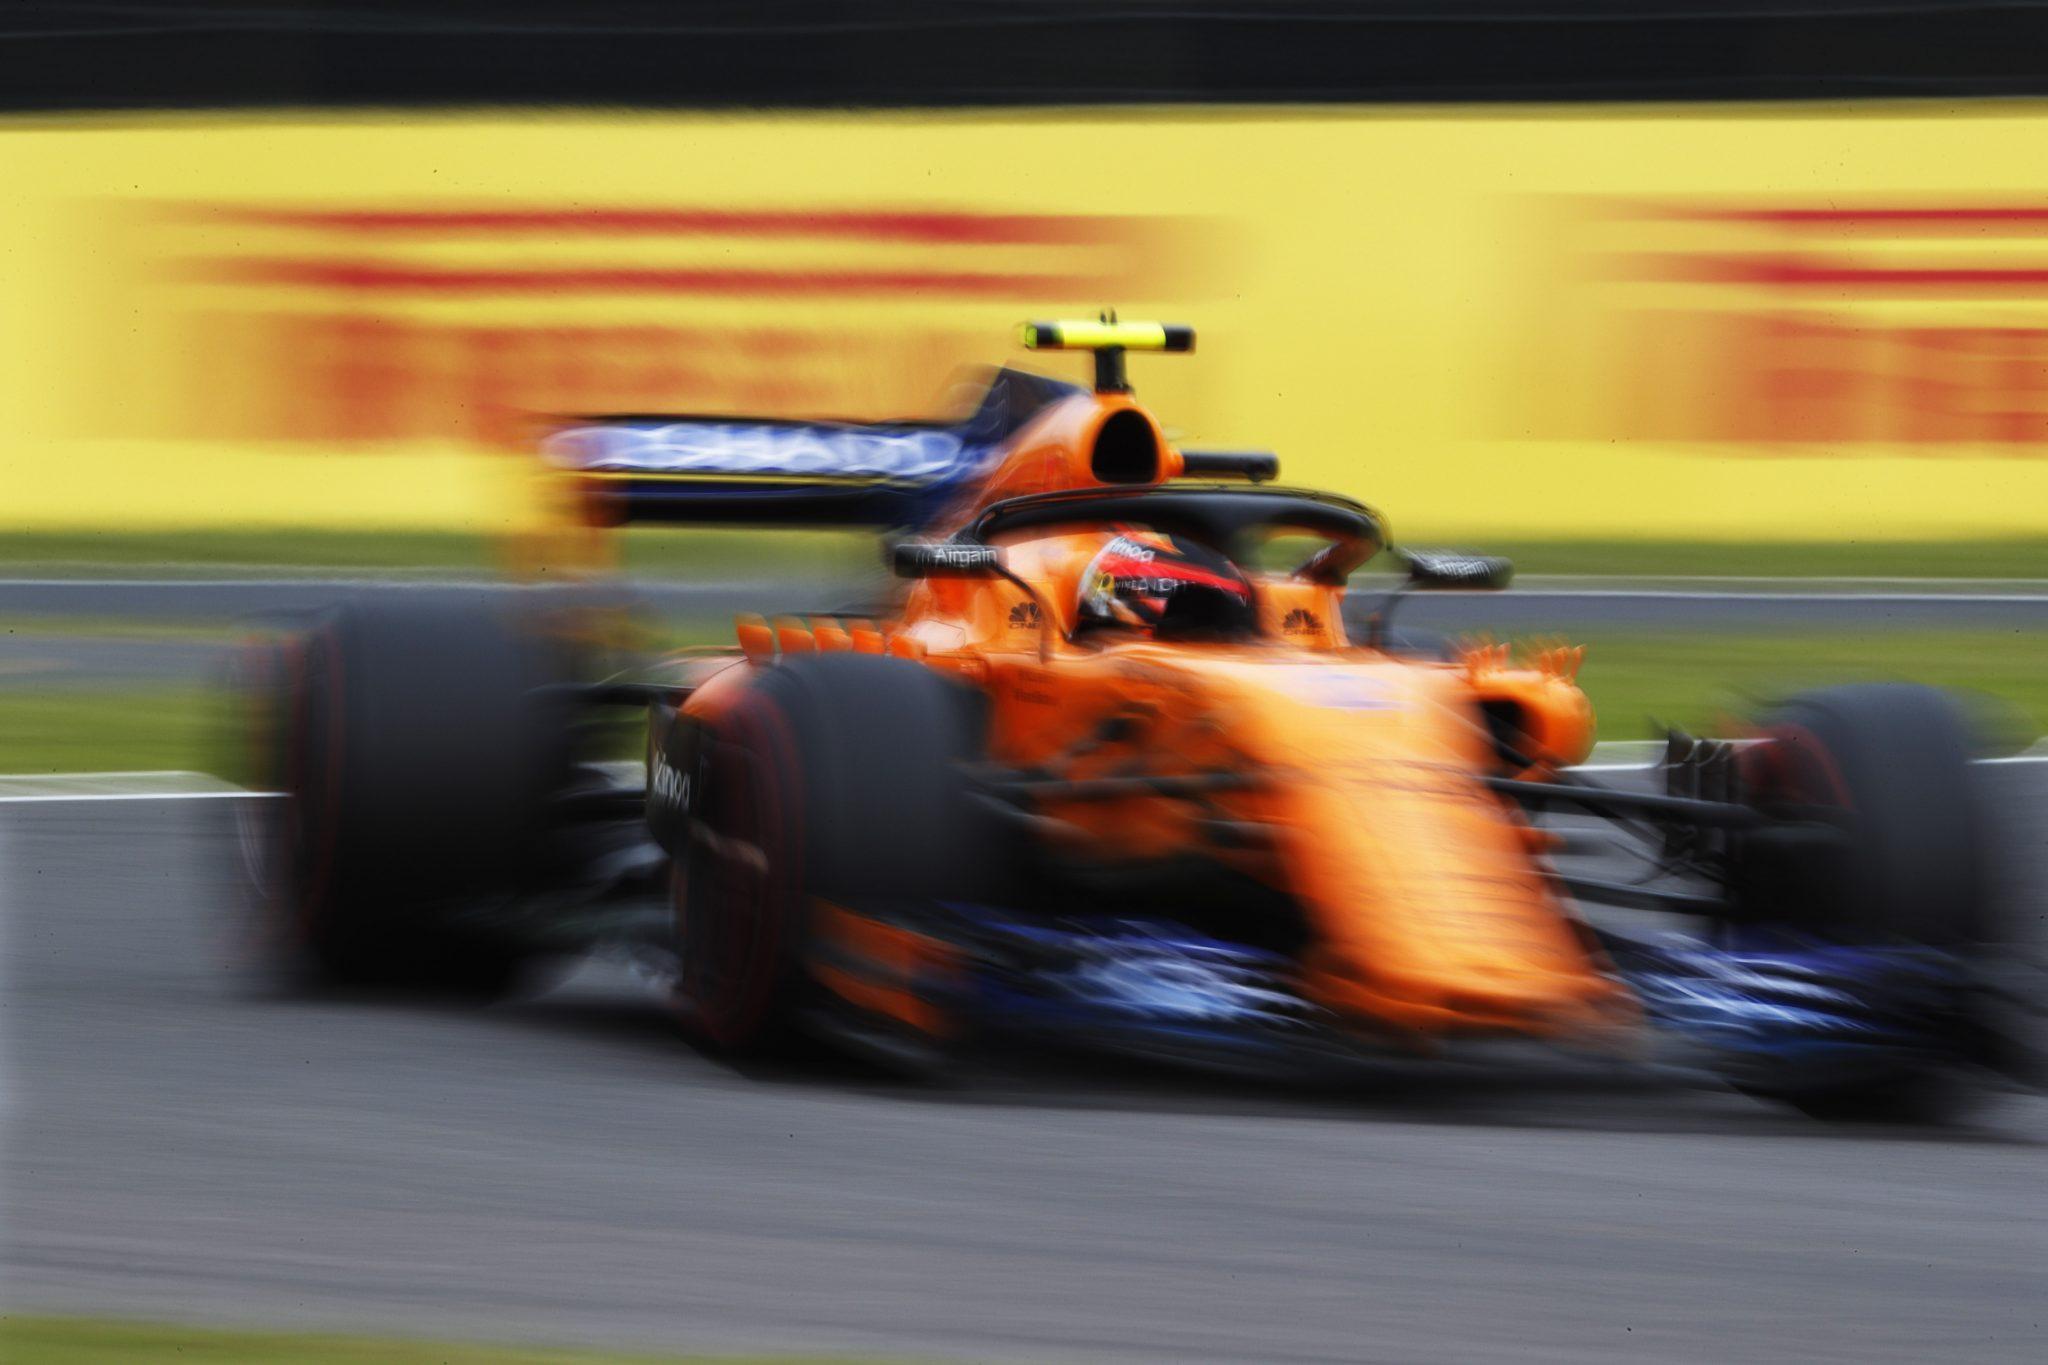 Η McLaren ξέχασε να δηλώσει ελαστικά για το Ιαπωνικό GP 7068eee6897